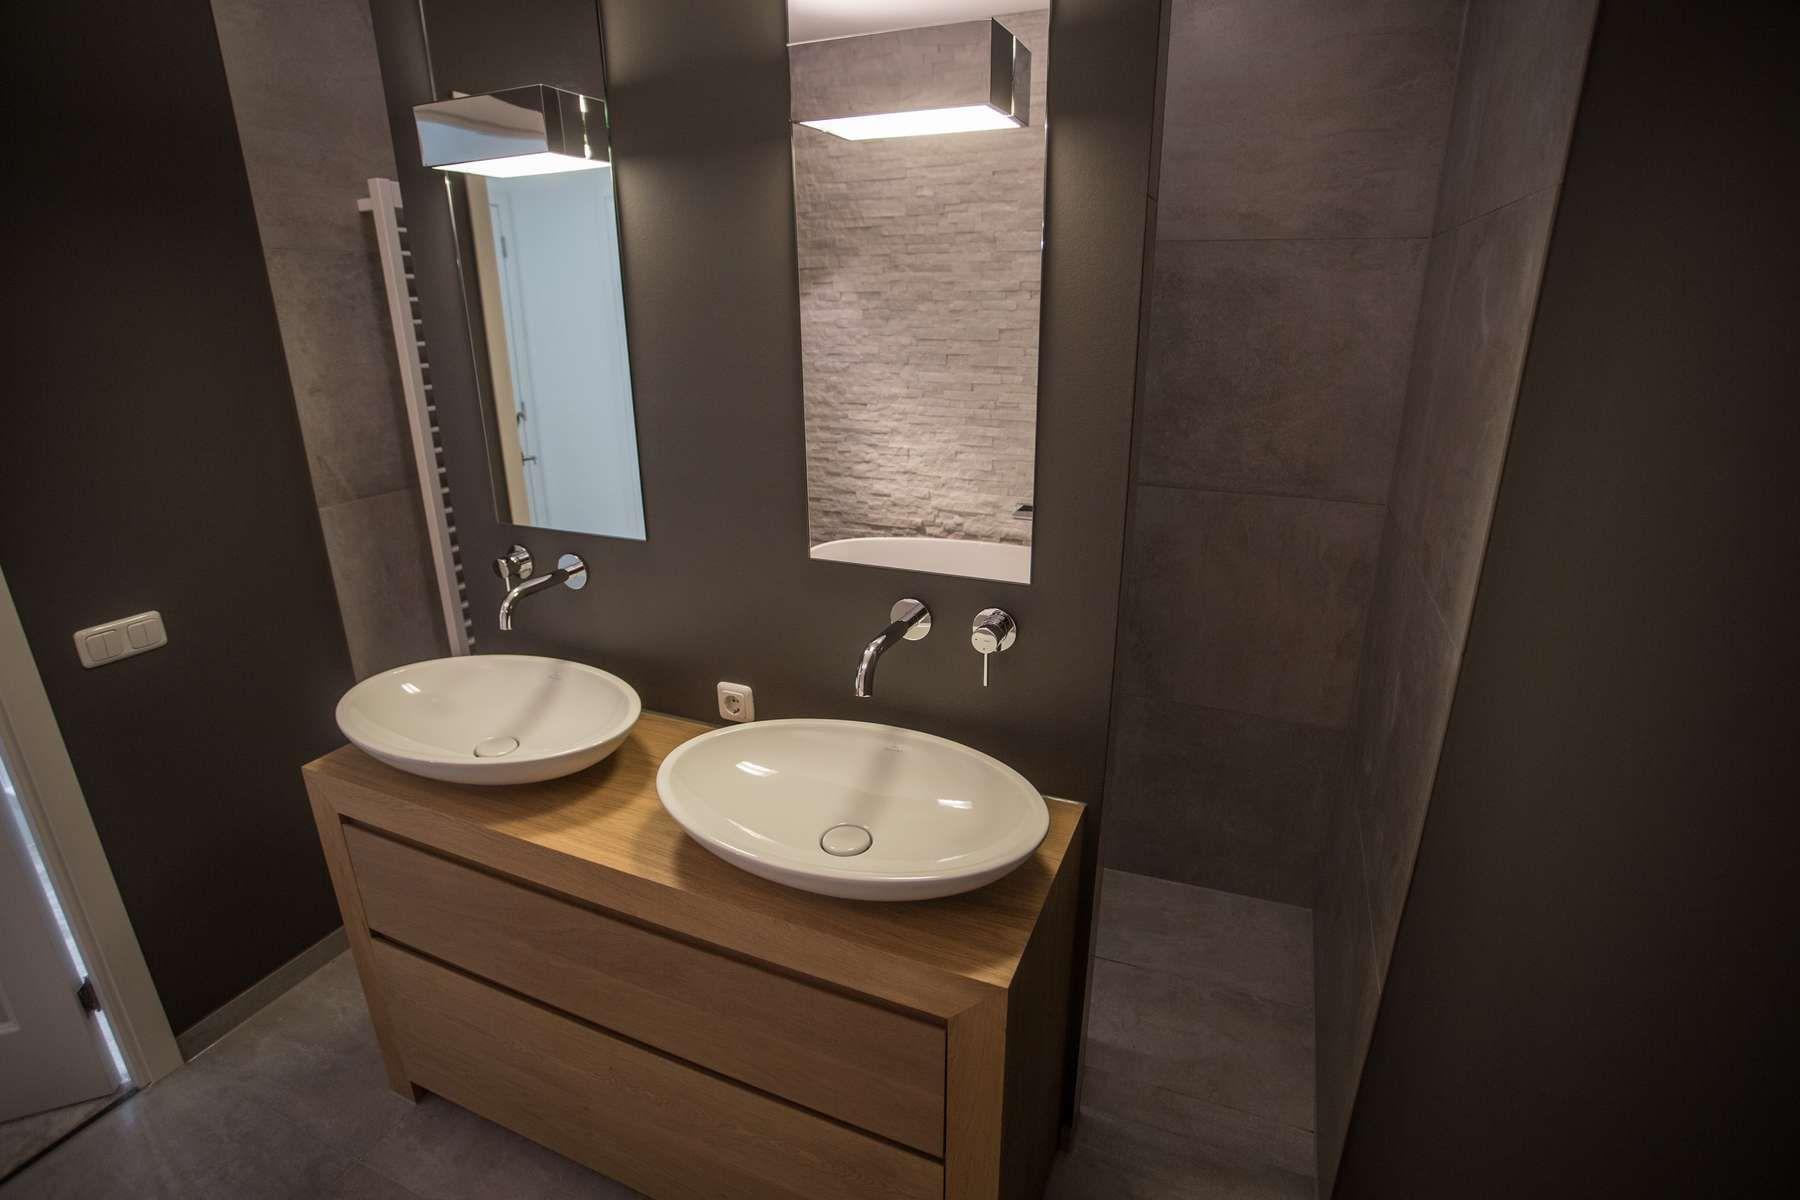 Badkamer De Bilt / badkamershowroom De Eerste Kamer - Badkamer ...